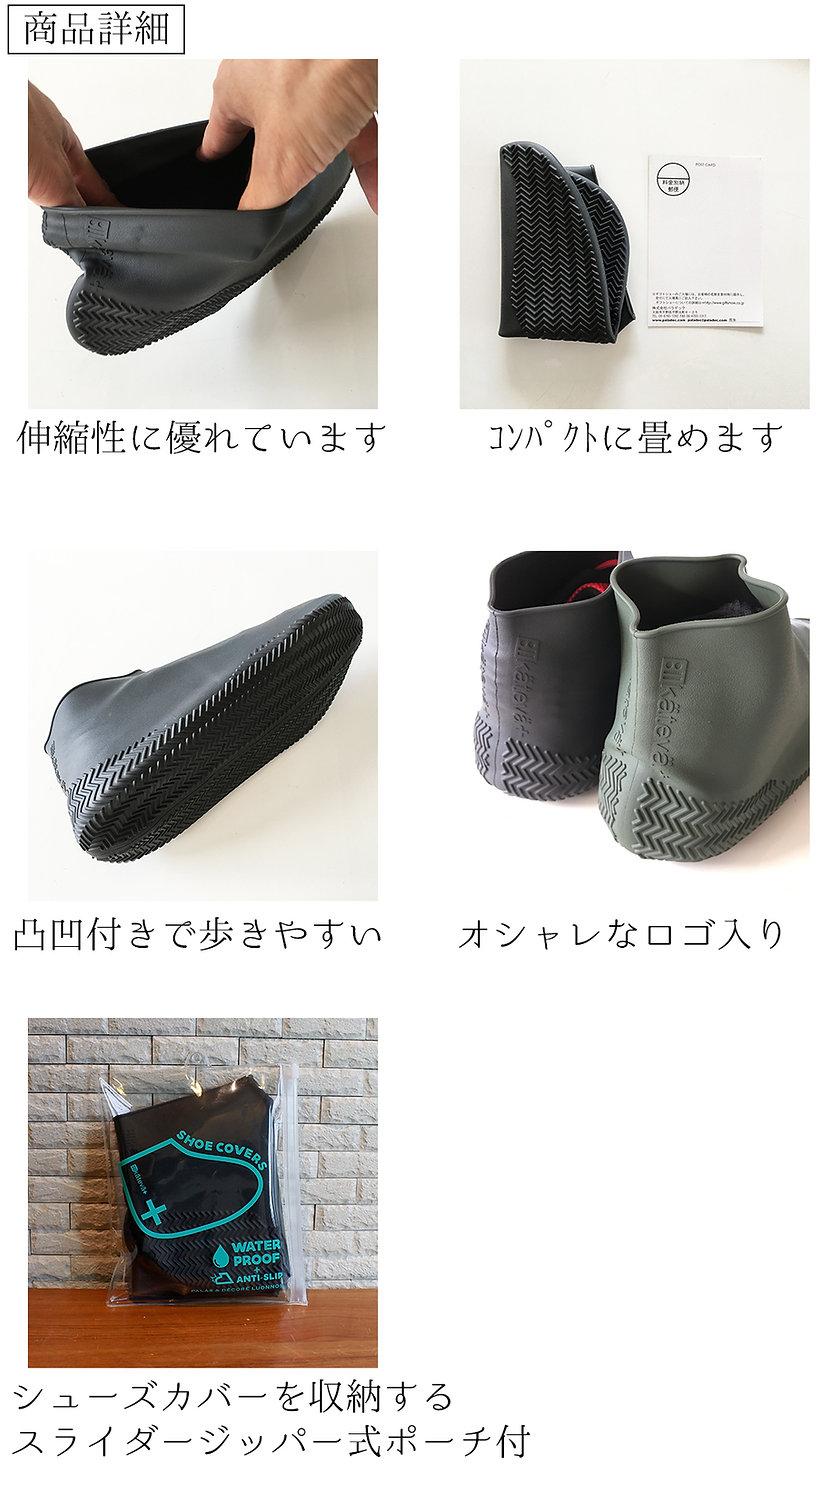 カテバプラスシューズカバー 商品詳細.jpg